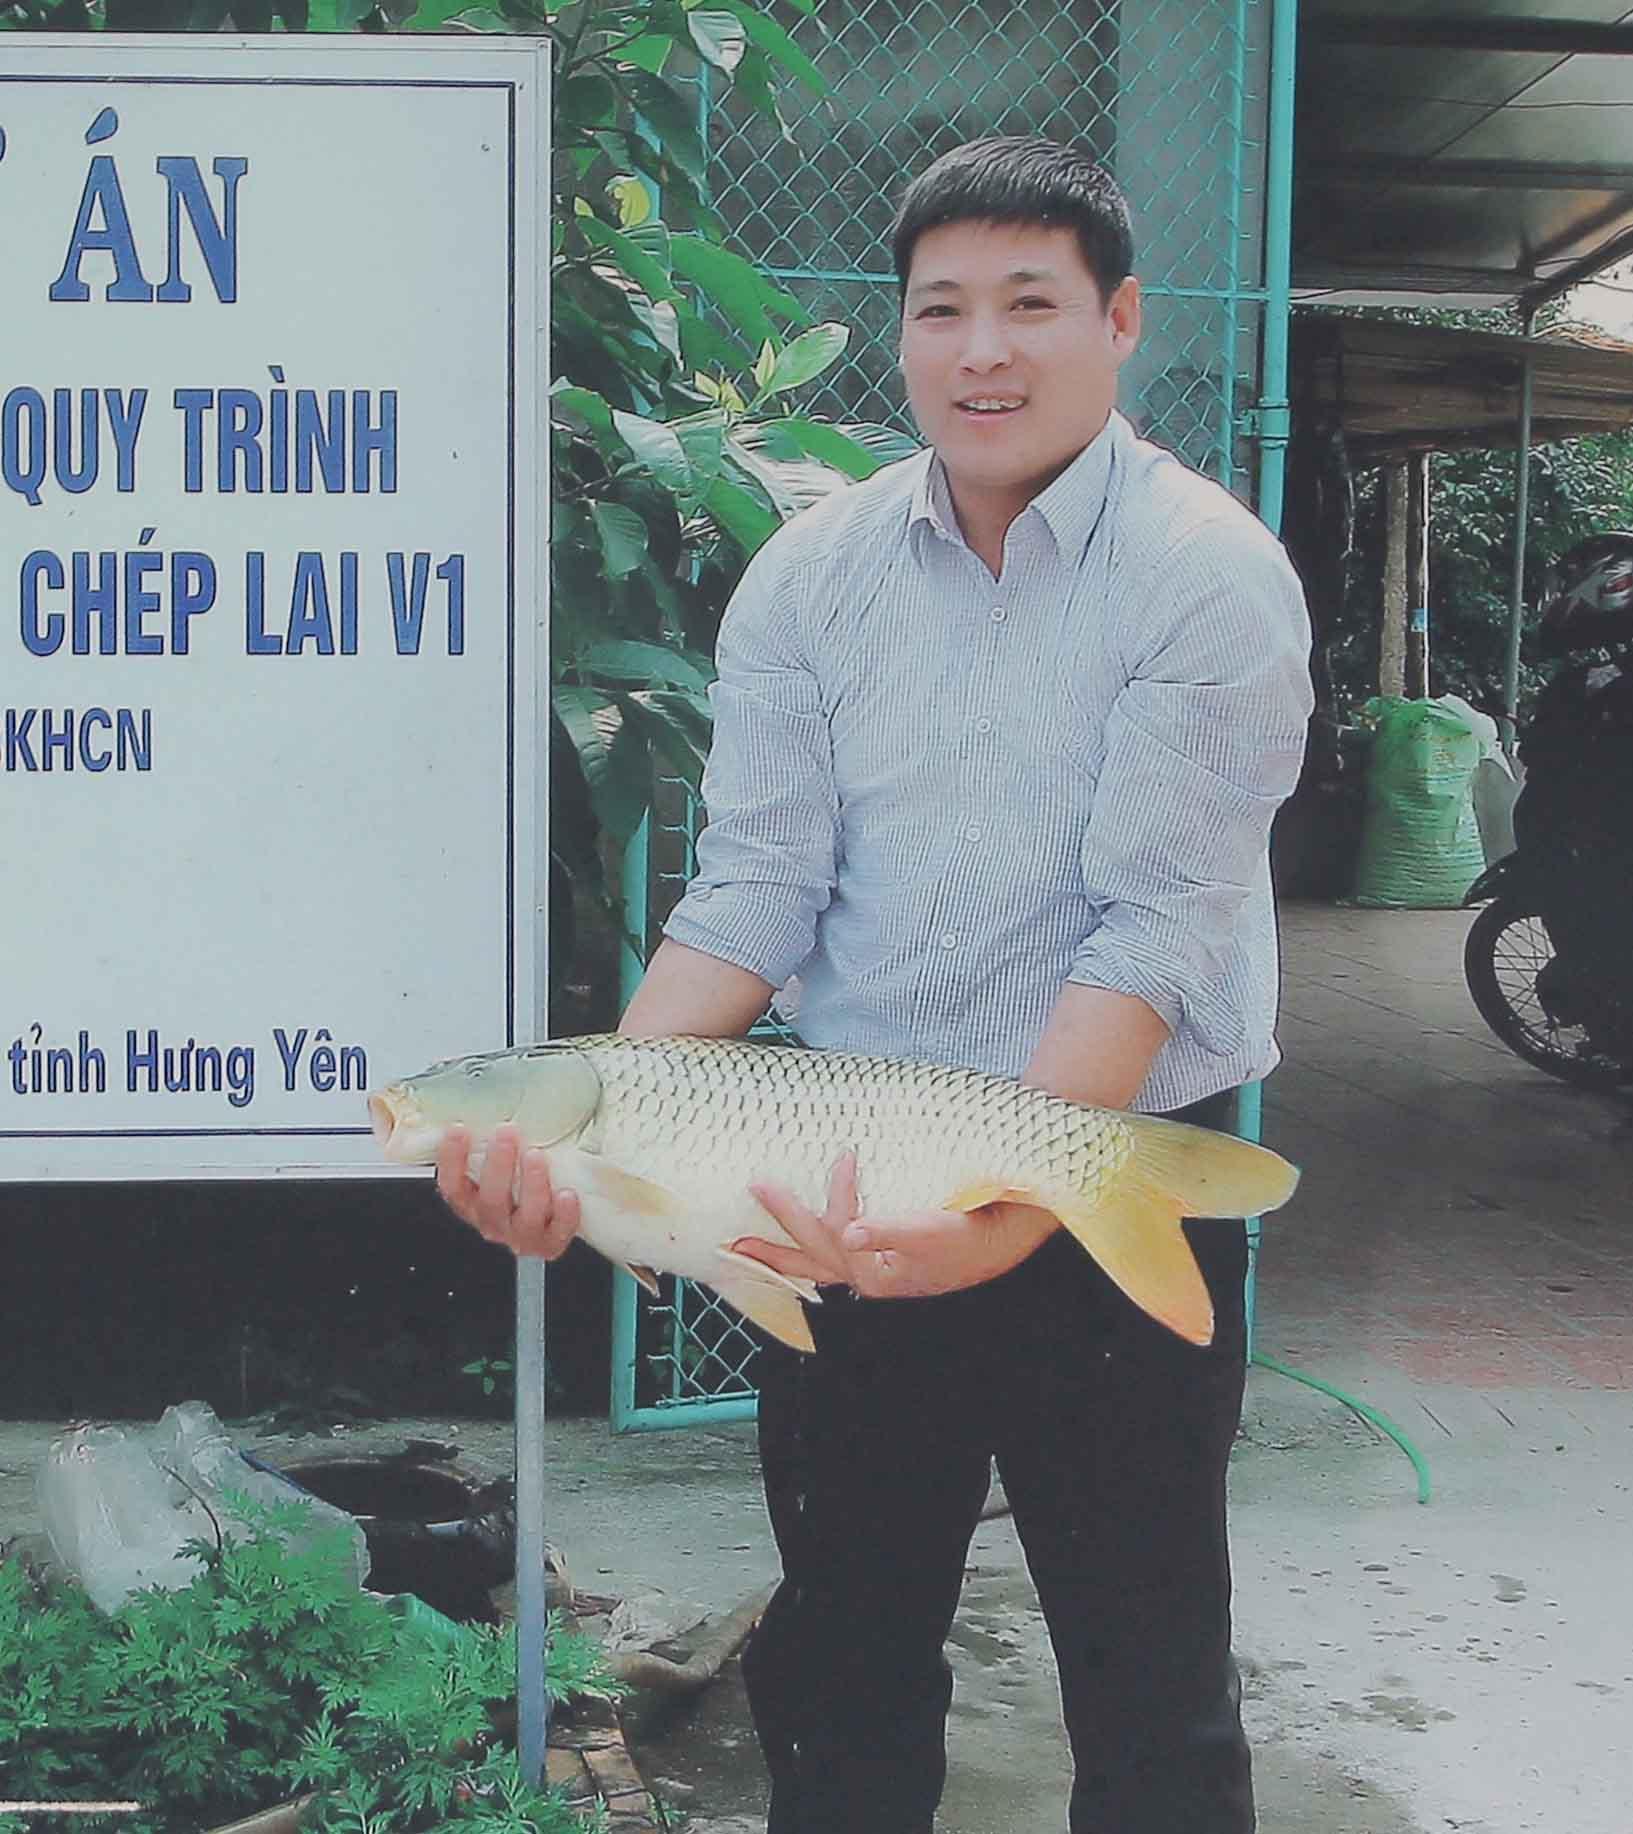 Bể cá thần 10 tỷ của anh nông dân Hưng Yên-8